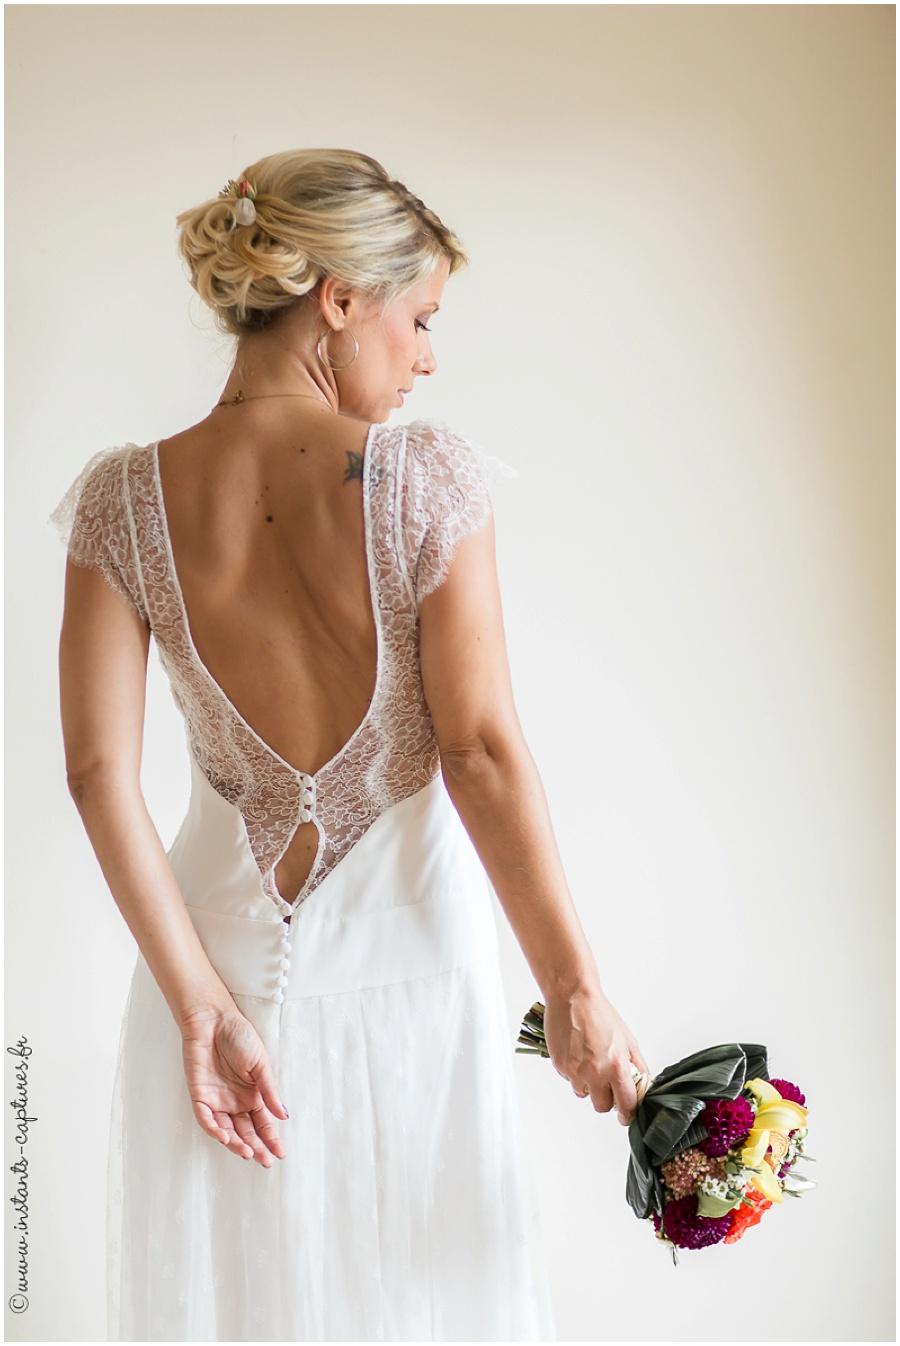 disponibilit s tarifs photographe grossesse nouveau n mariage paris. Black Bedroom Furniture Sets. Home Design Ideas